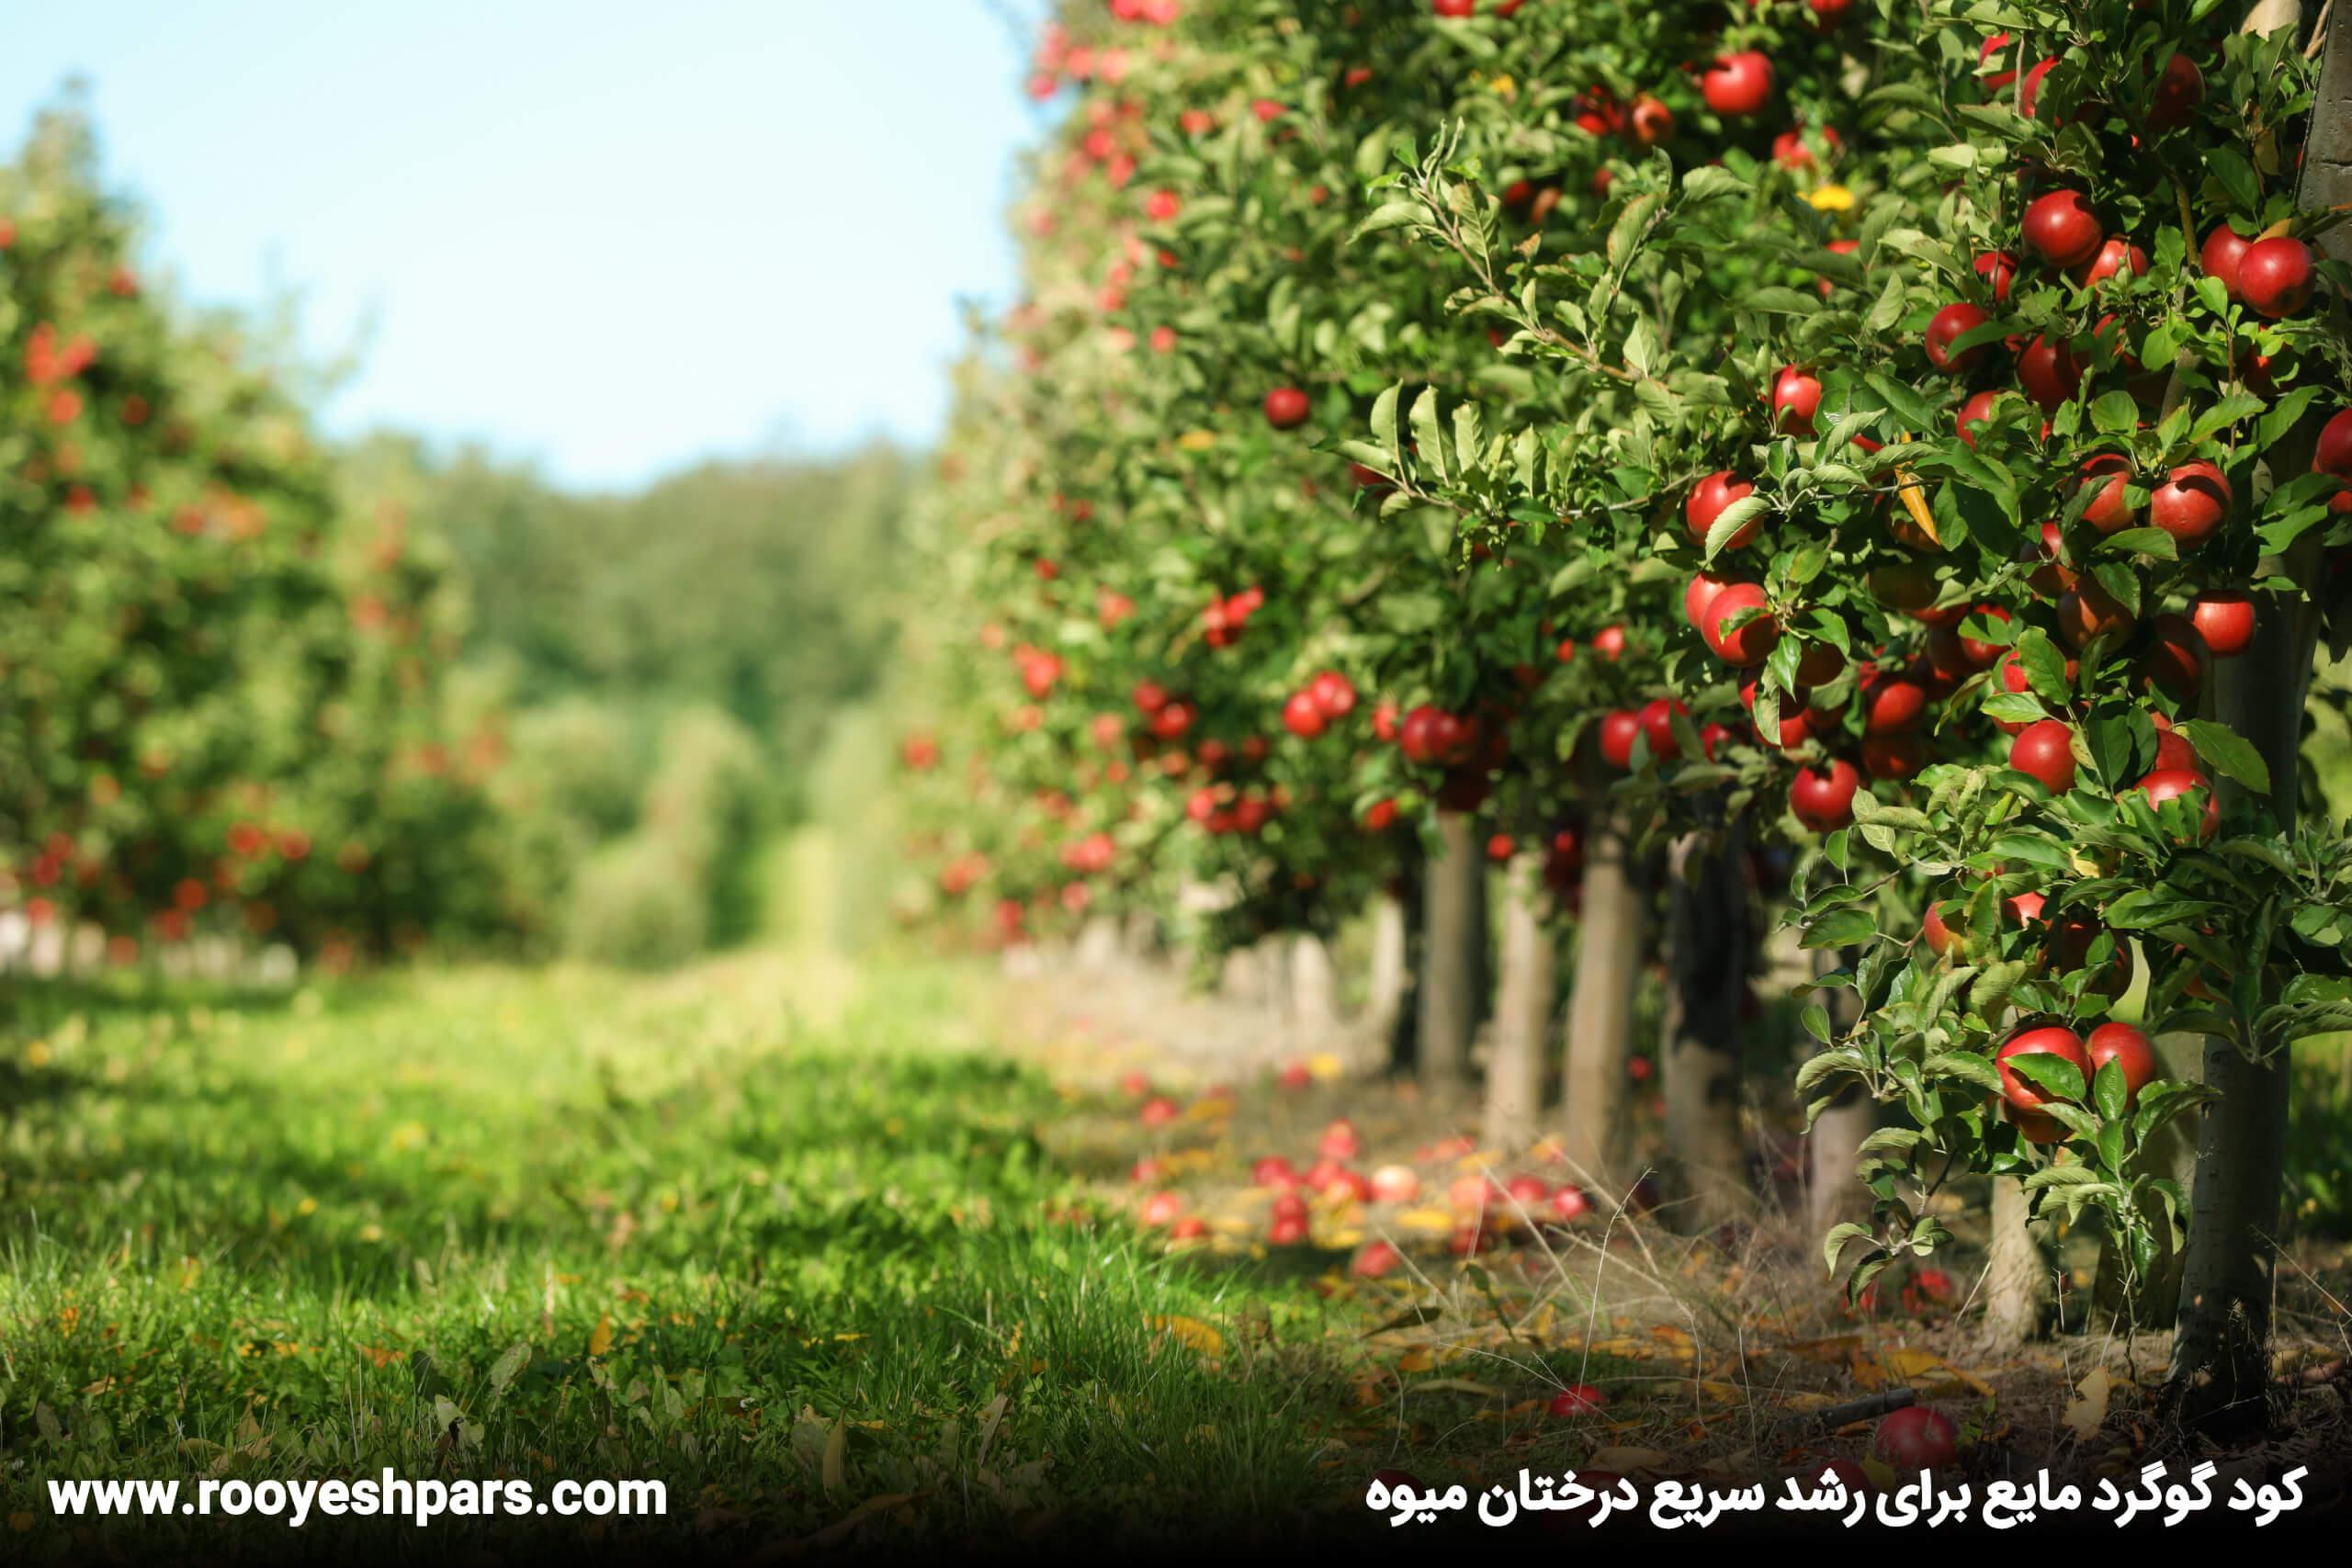 گوگرد-مایع-برای-رشد-سریع-درختان-میوه